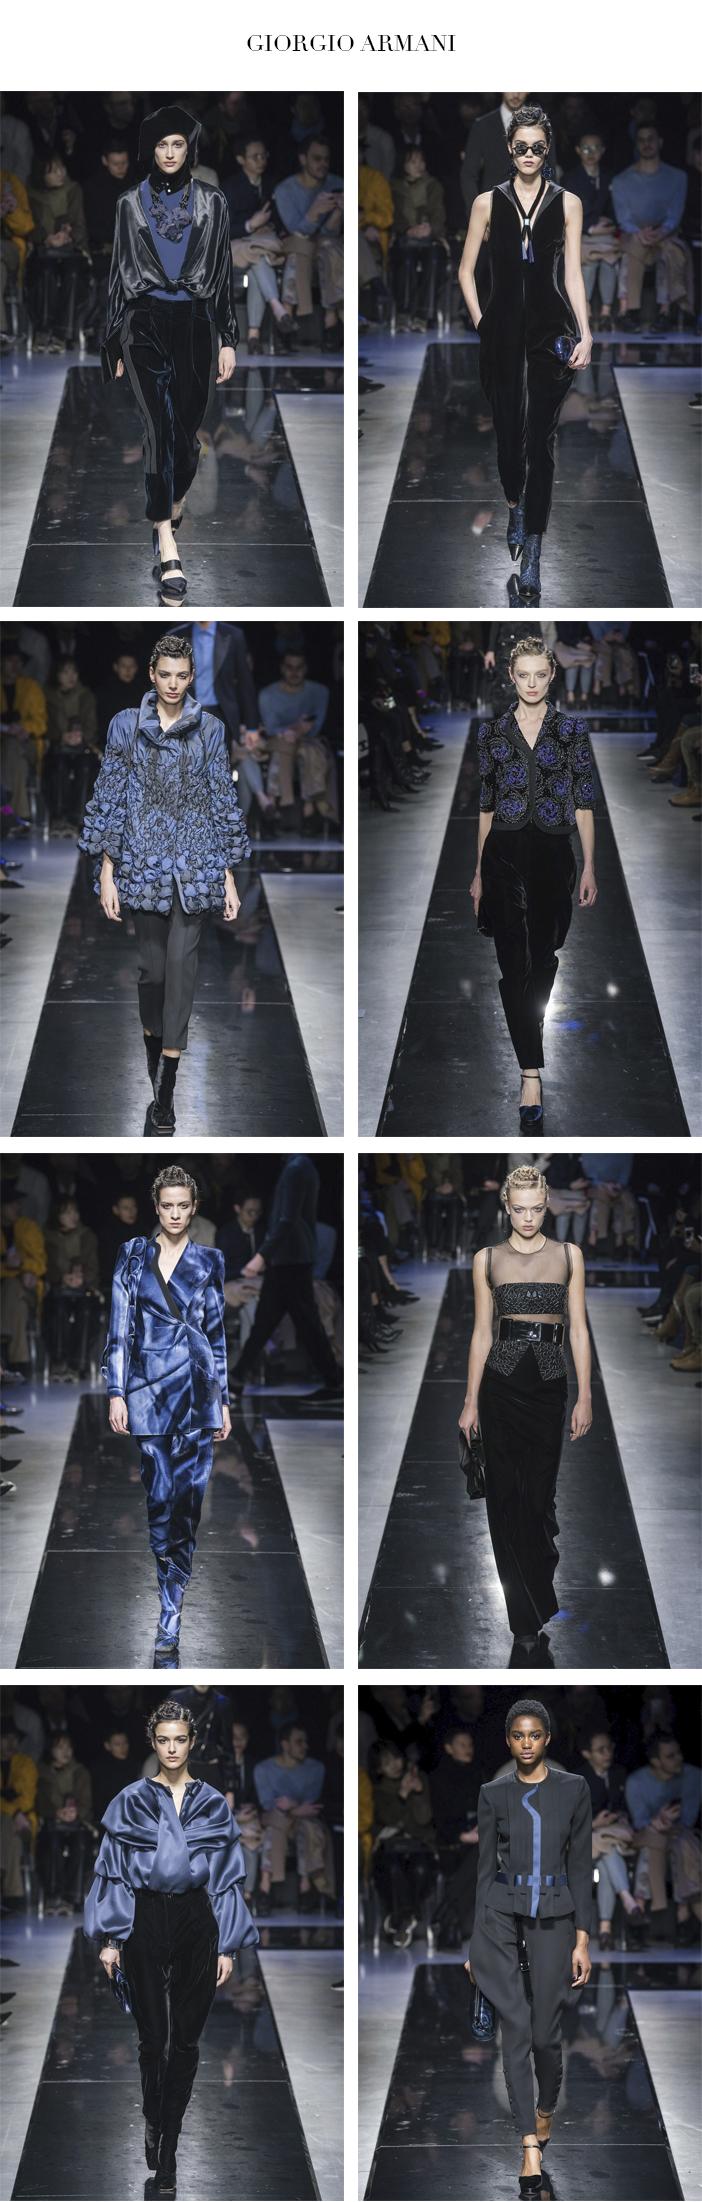 Semana de Moda de Milão - Inverno 2019 - Parte 2 - Giorgio Armani